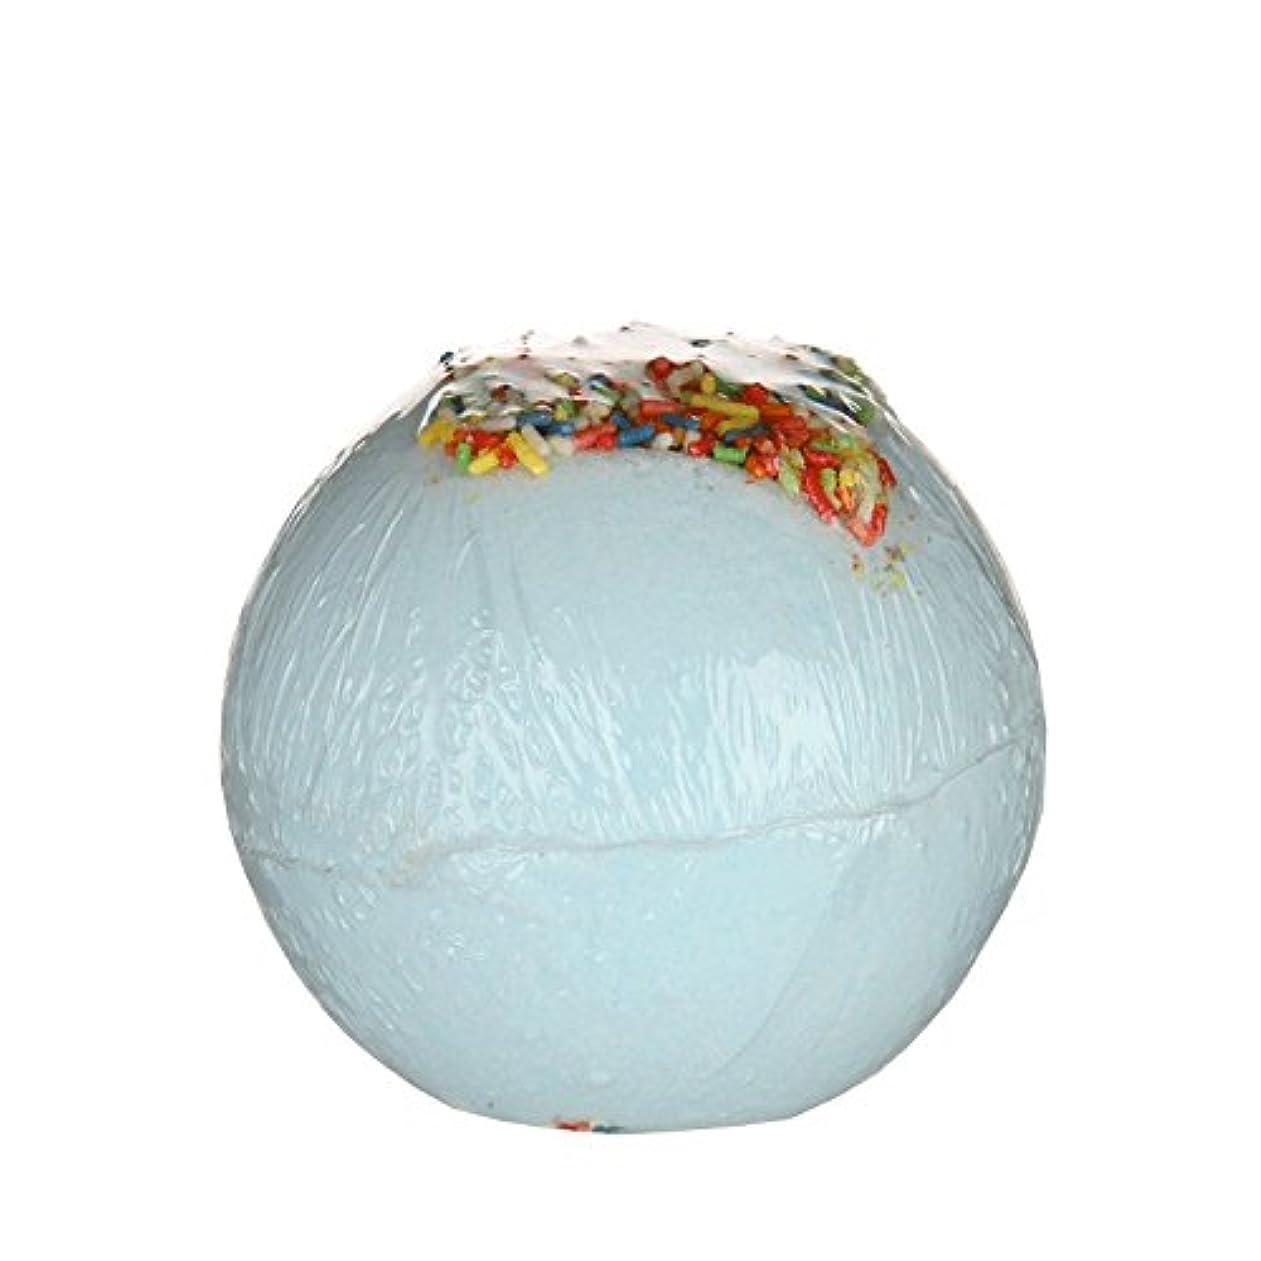 維持するビリーヤギ脚本Treetsバスボールディスコバス170グラム - Treets Bath Ball Disco Bath 170g (Treets) [並行輸入品]